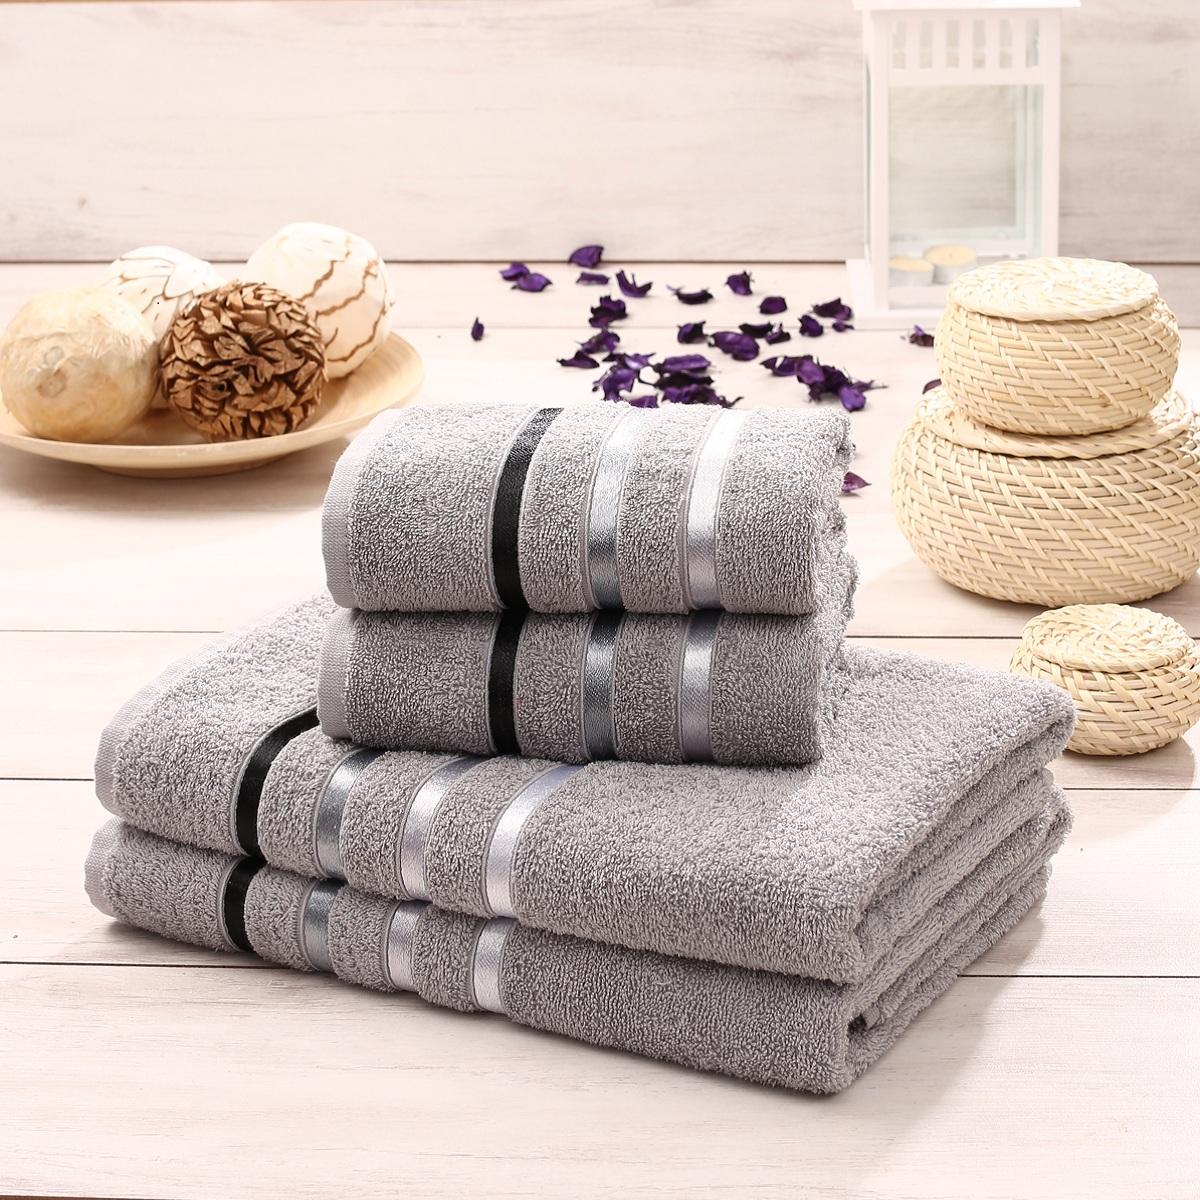 Набор полотенец Karna Bale, цвет: серый, 4 шт953/CHAR019Набор Karna Bale включает 2 полотенца для лица, рук и 2 банных полотенца. Изделия выполнены из высококачественного хлопка с отделкой в виде полос. Каждое полотенце отличается нежностью и мягкостью материала, утонченным дизайном и превосходным качеством. Они прекрасно впитывают влагу, быстро сохнут и не теряют своих свойств после многократных стирок. Такой набор создаст в вашей ванной царственное великолепие и подарит чувство ослепительного торжества. А также станет приятным подарком для ваших близких или друзей. Набор украшен текстильной лентой. Размер:Полотенце для рук и лица: 50 x 80 см.Банное полотенце: 70 x 140 см.